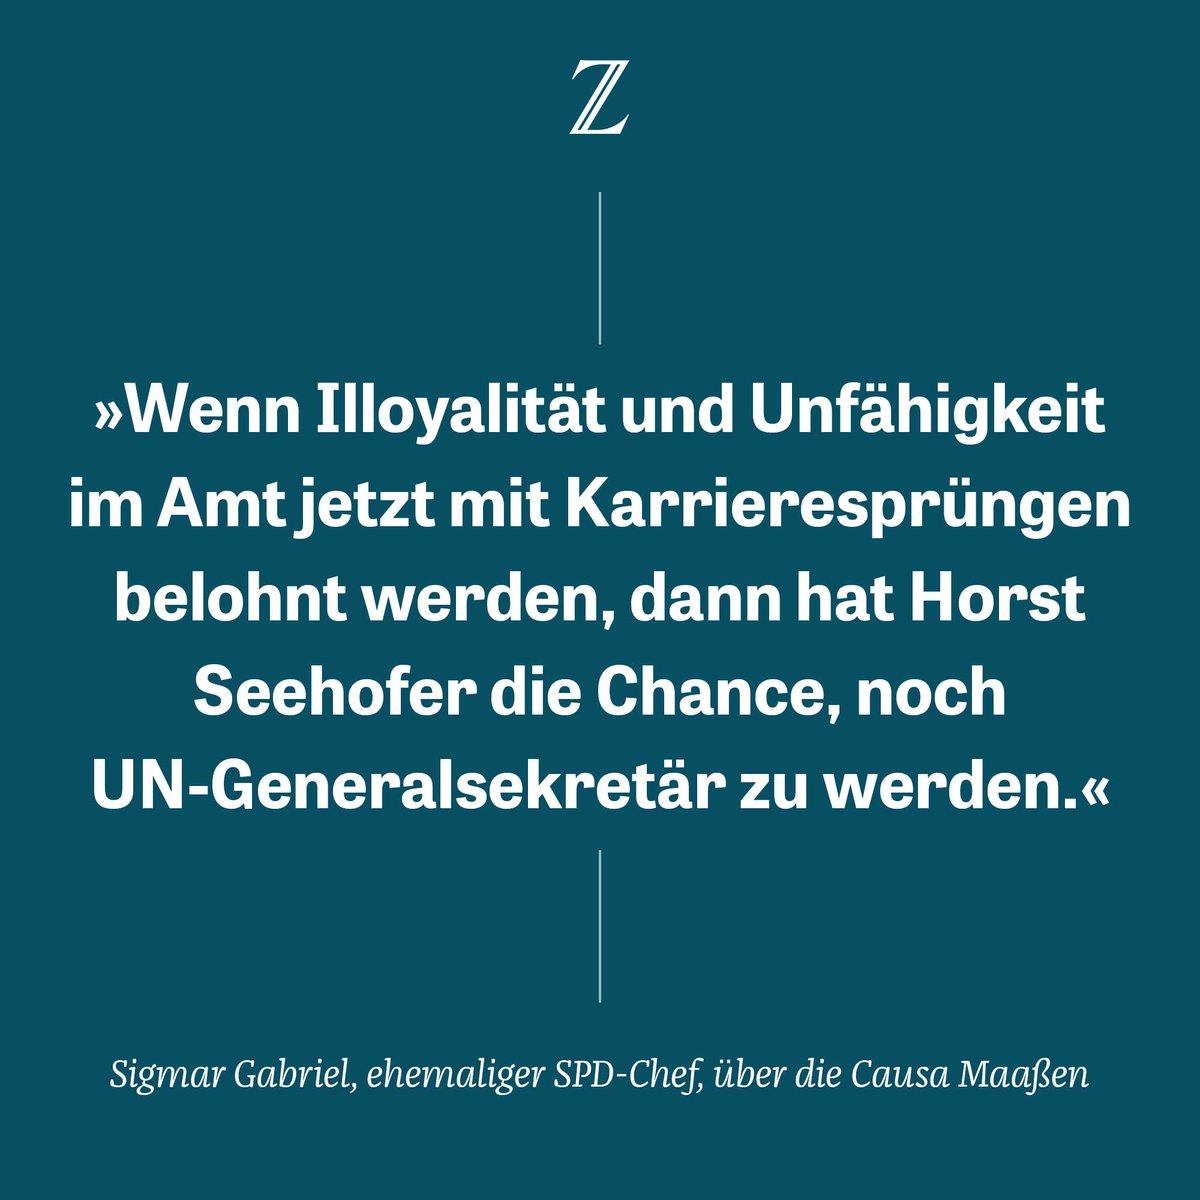 .@sigmargabriel findet harte Worte: Den von seiner Partei ausgehandelten Kompromiss zur Ablösung von Verfassungsschutzpräsident #Maassen kann der frühere SPD-Chef nicht nachvollziehen: https://t.co/M3rHJGmjp8